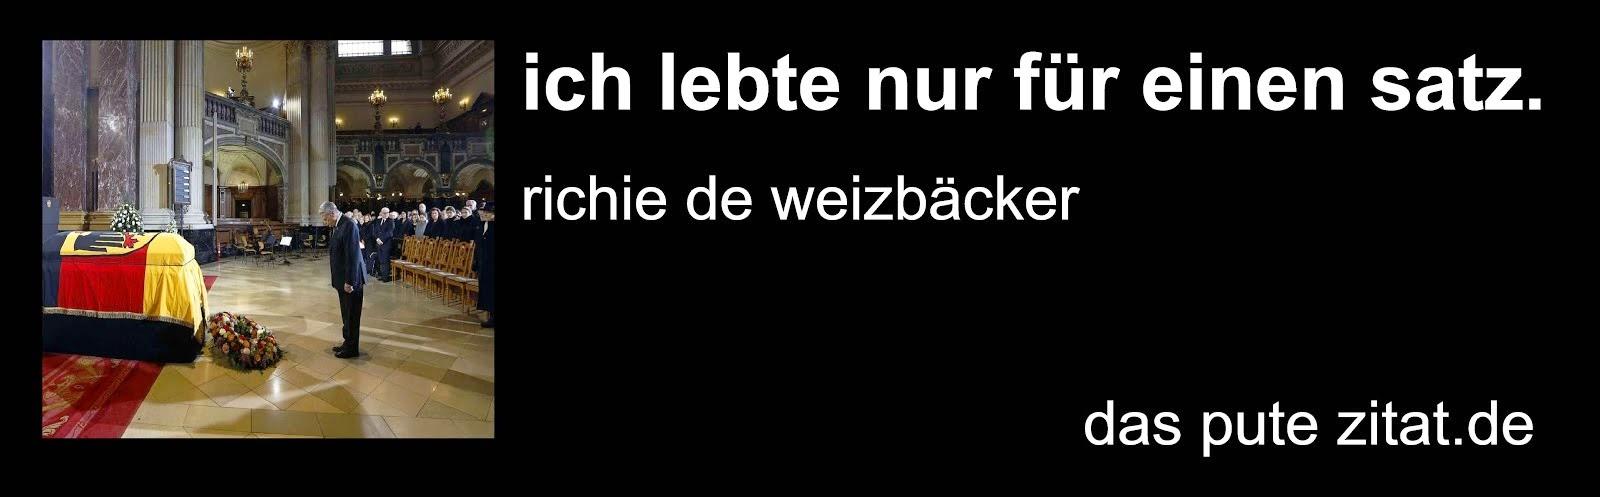 richard von weizsäcker DIE GEISTIGE REVOLUTION mischa vetere friedrich der grosse hommage gauck